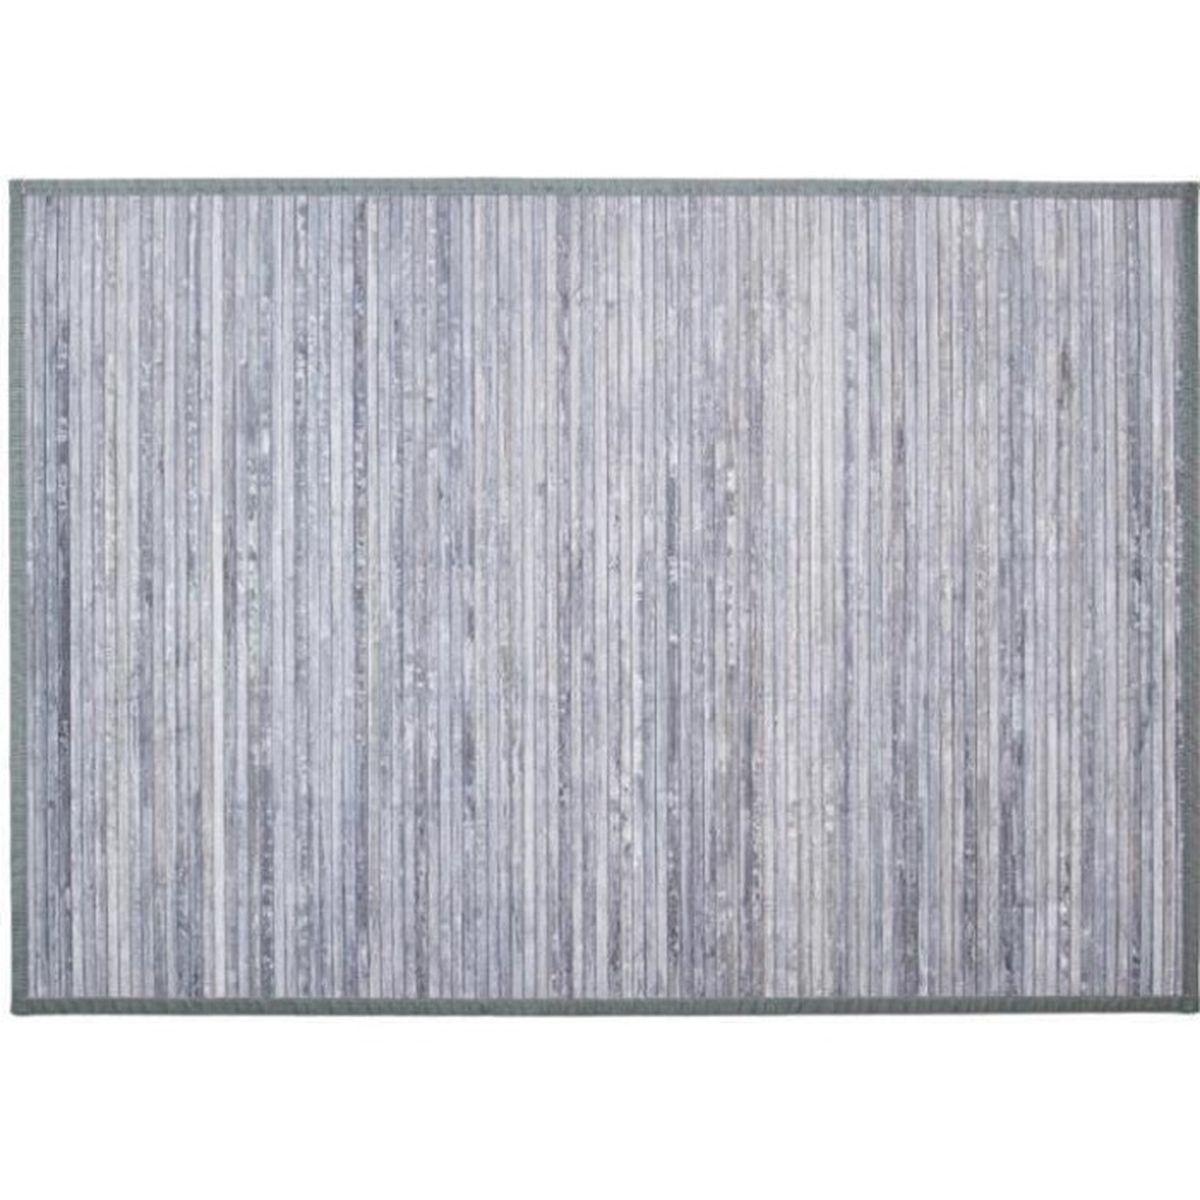 tapis salon en bambou achat vente tapis salon en bambou pas cher cdiscount. Black Bedroom Furniture Sets. Home Design Ideas